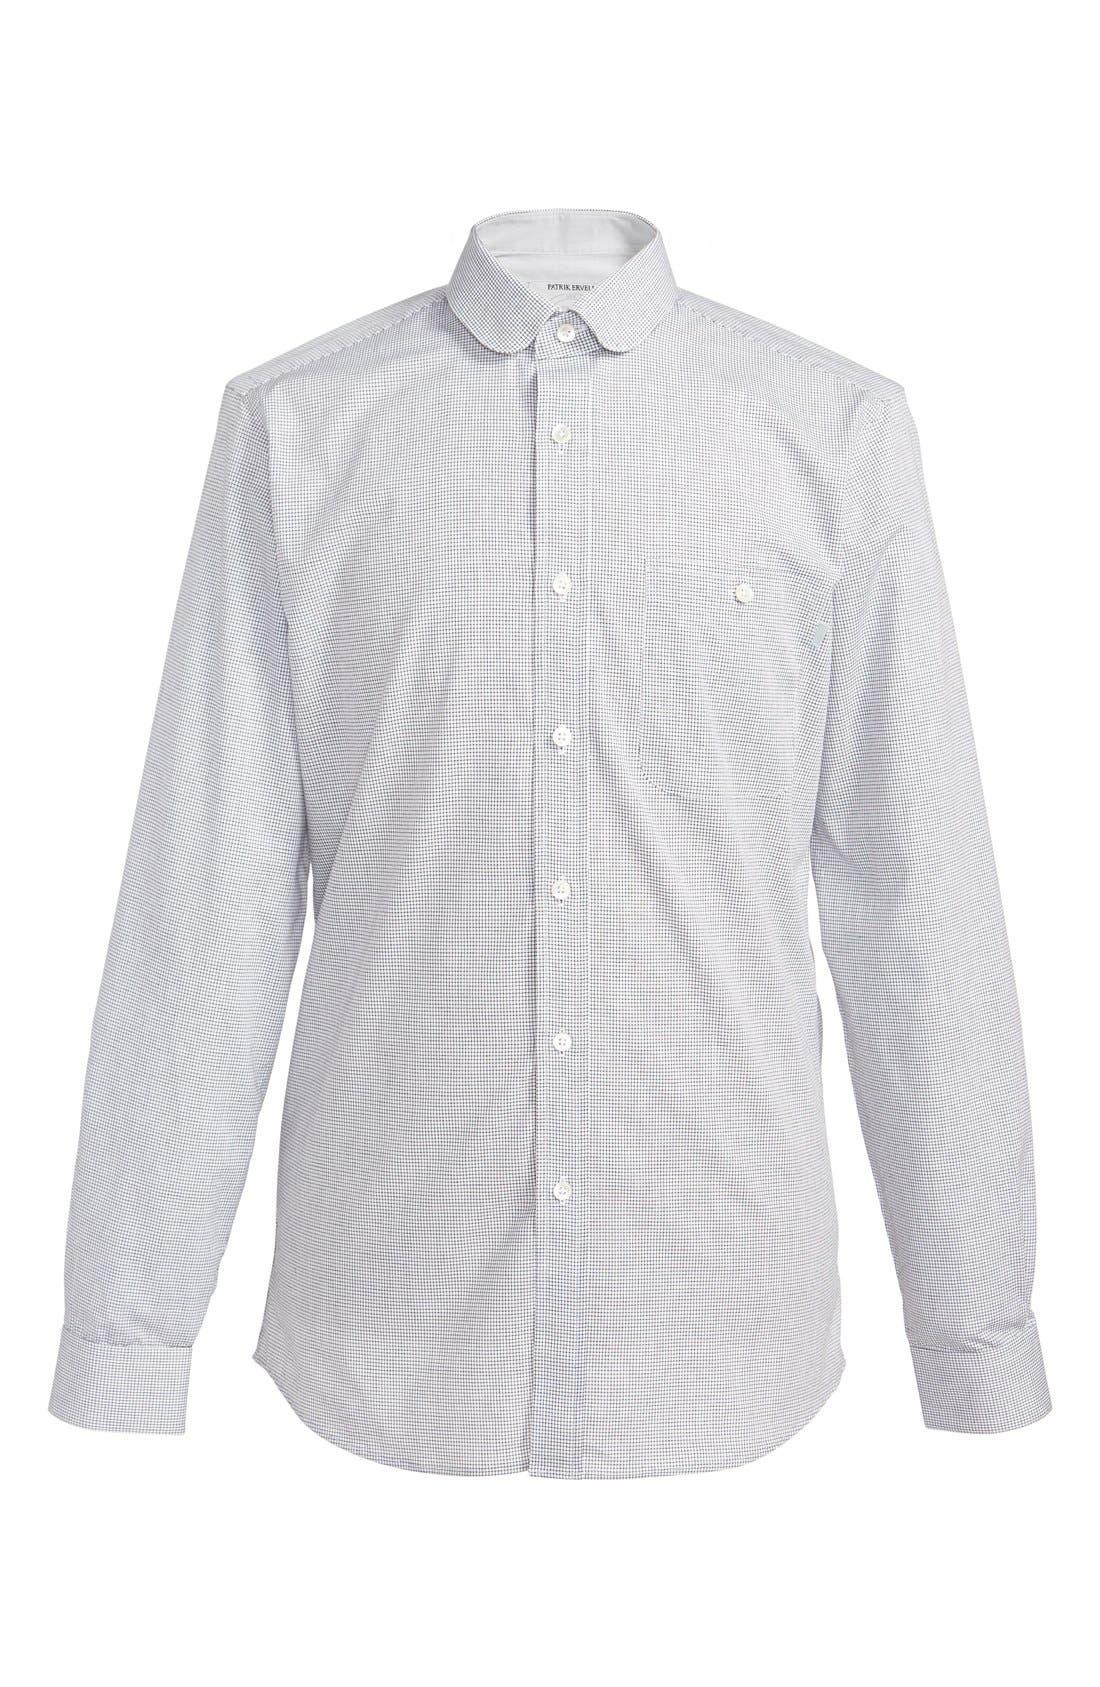 Alternate Image 2  - Patrik Ervell Mini Check Woven Shirt